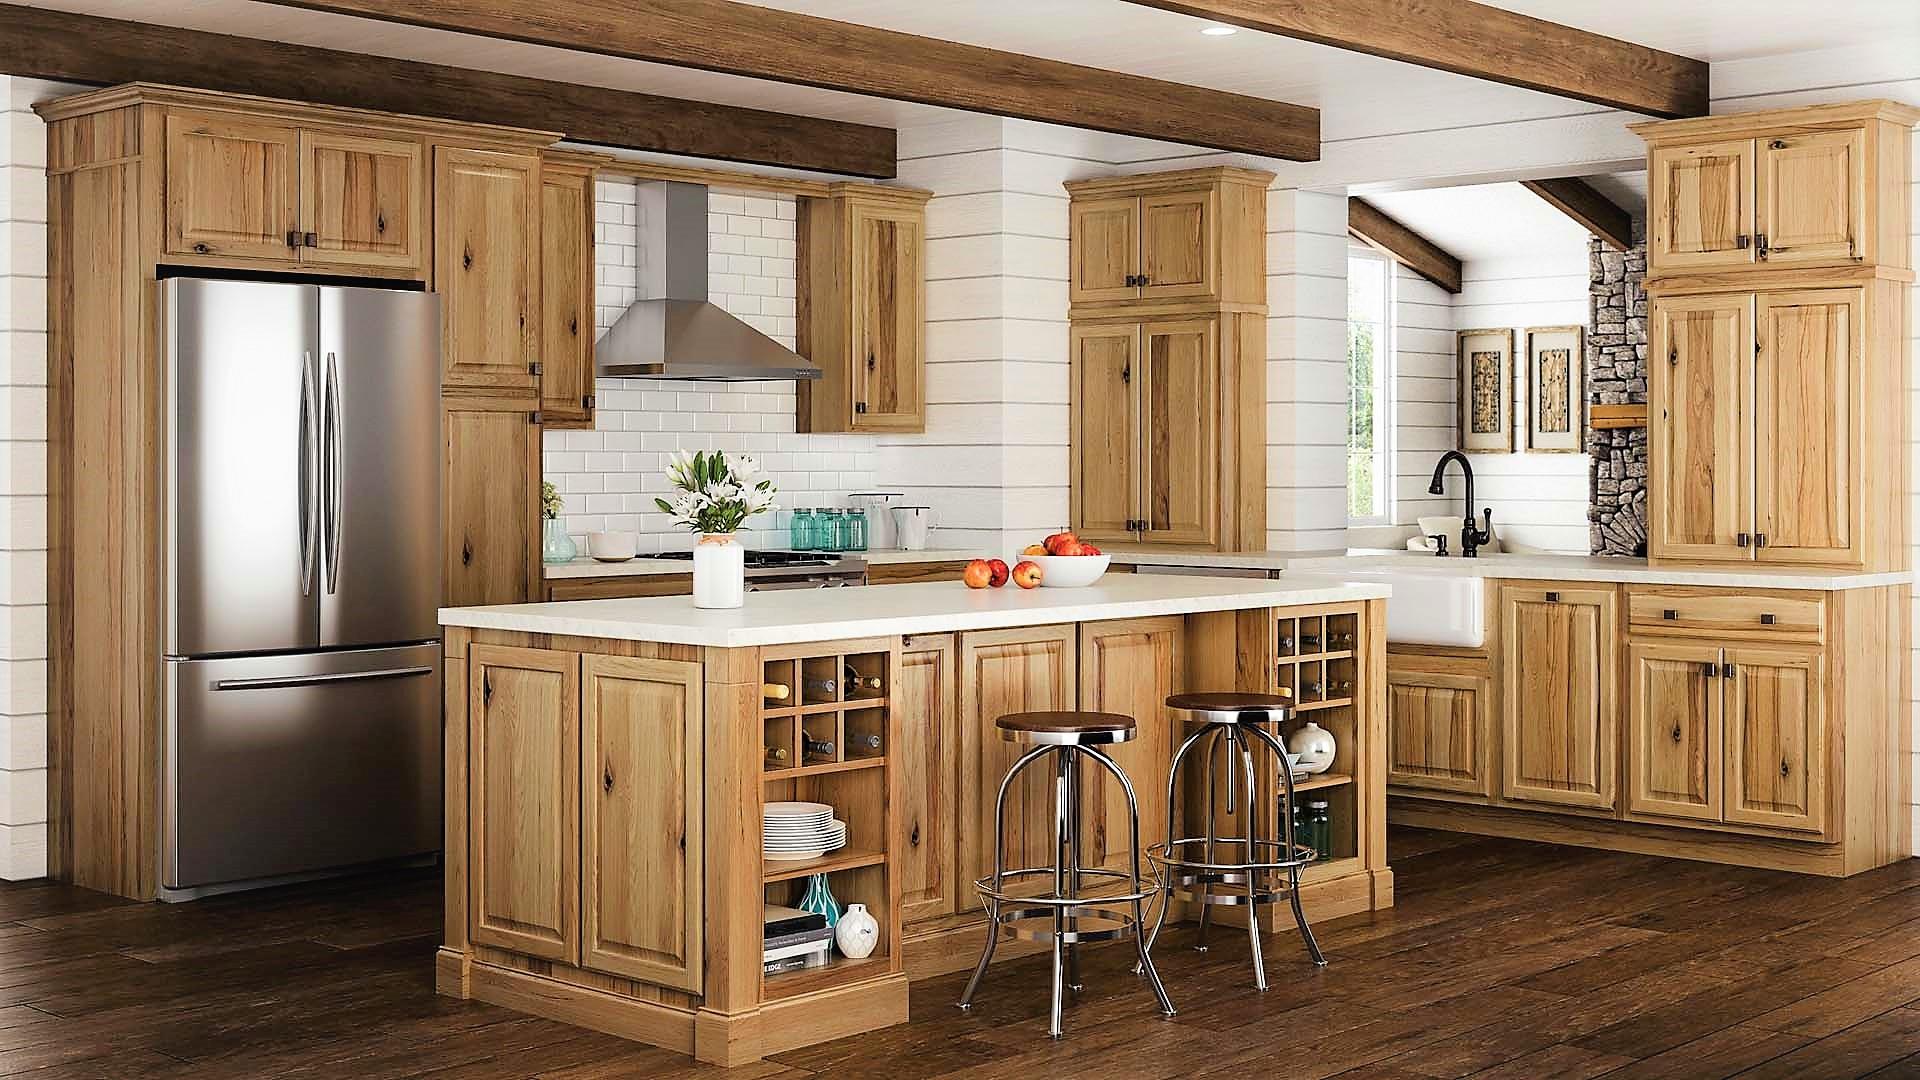 отделка кухонных шкафов руками фото интерьер кухне